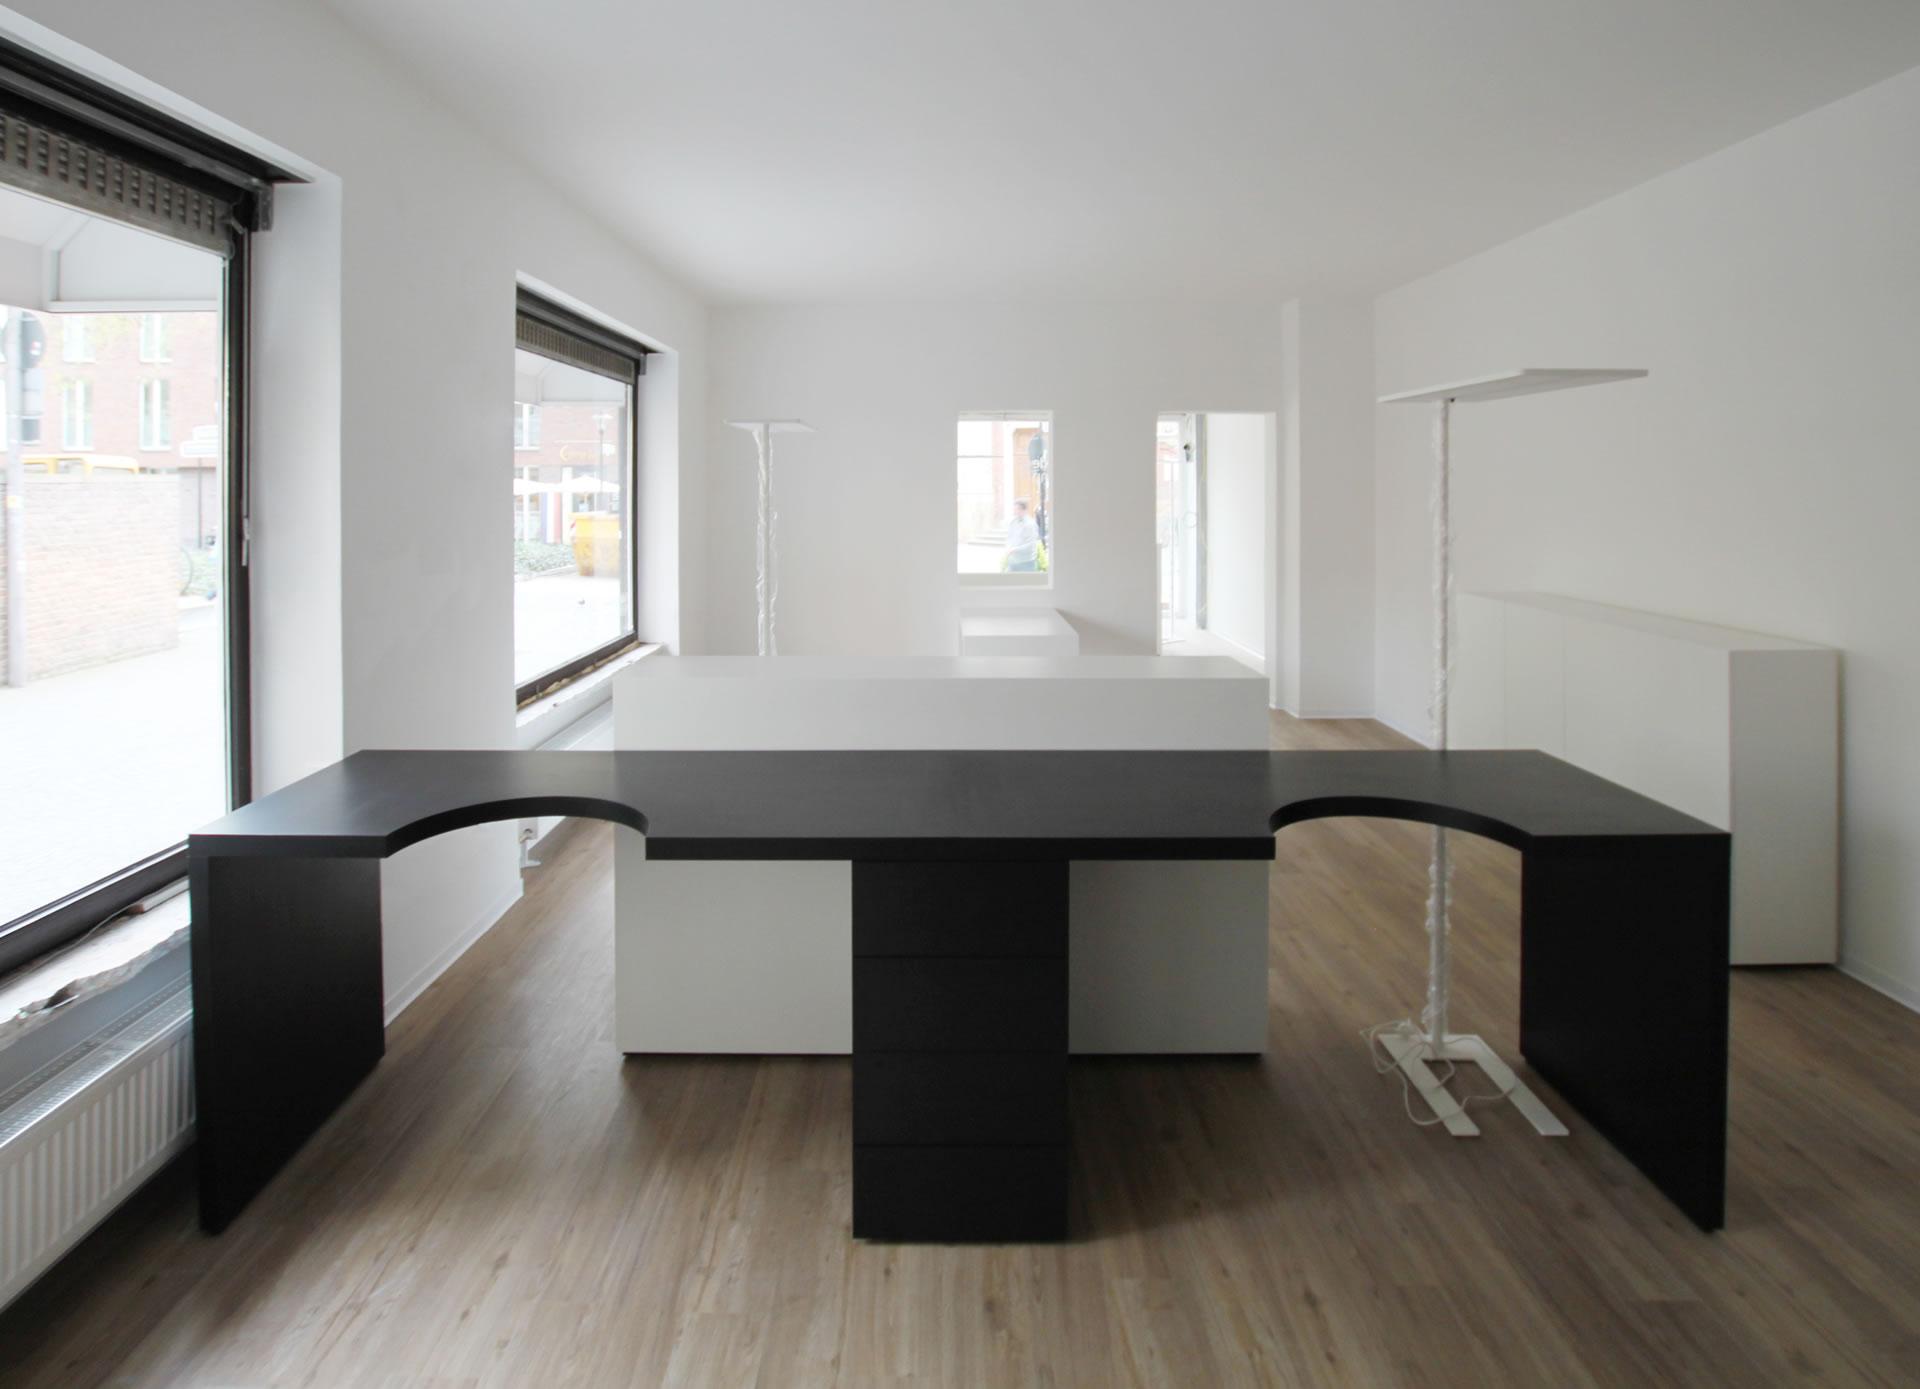 Ladenbau puristischer ladenbau rechteck design m bel for Design stuhl aufgabe